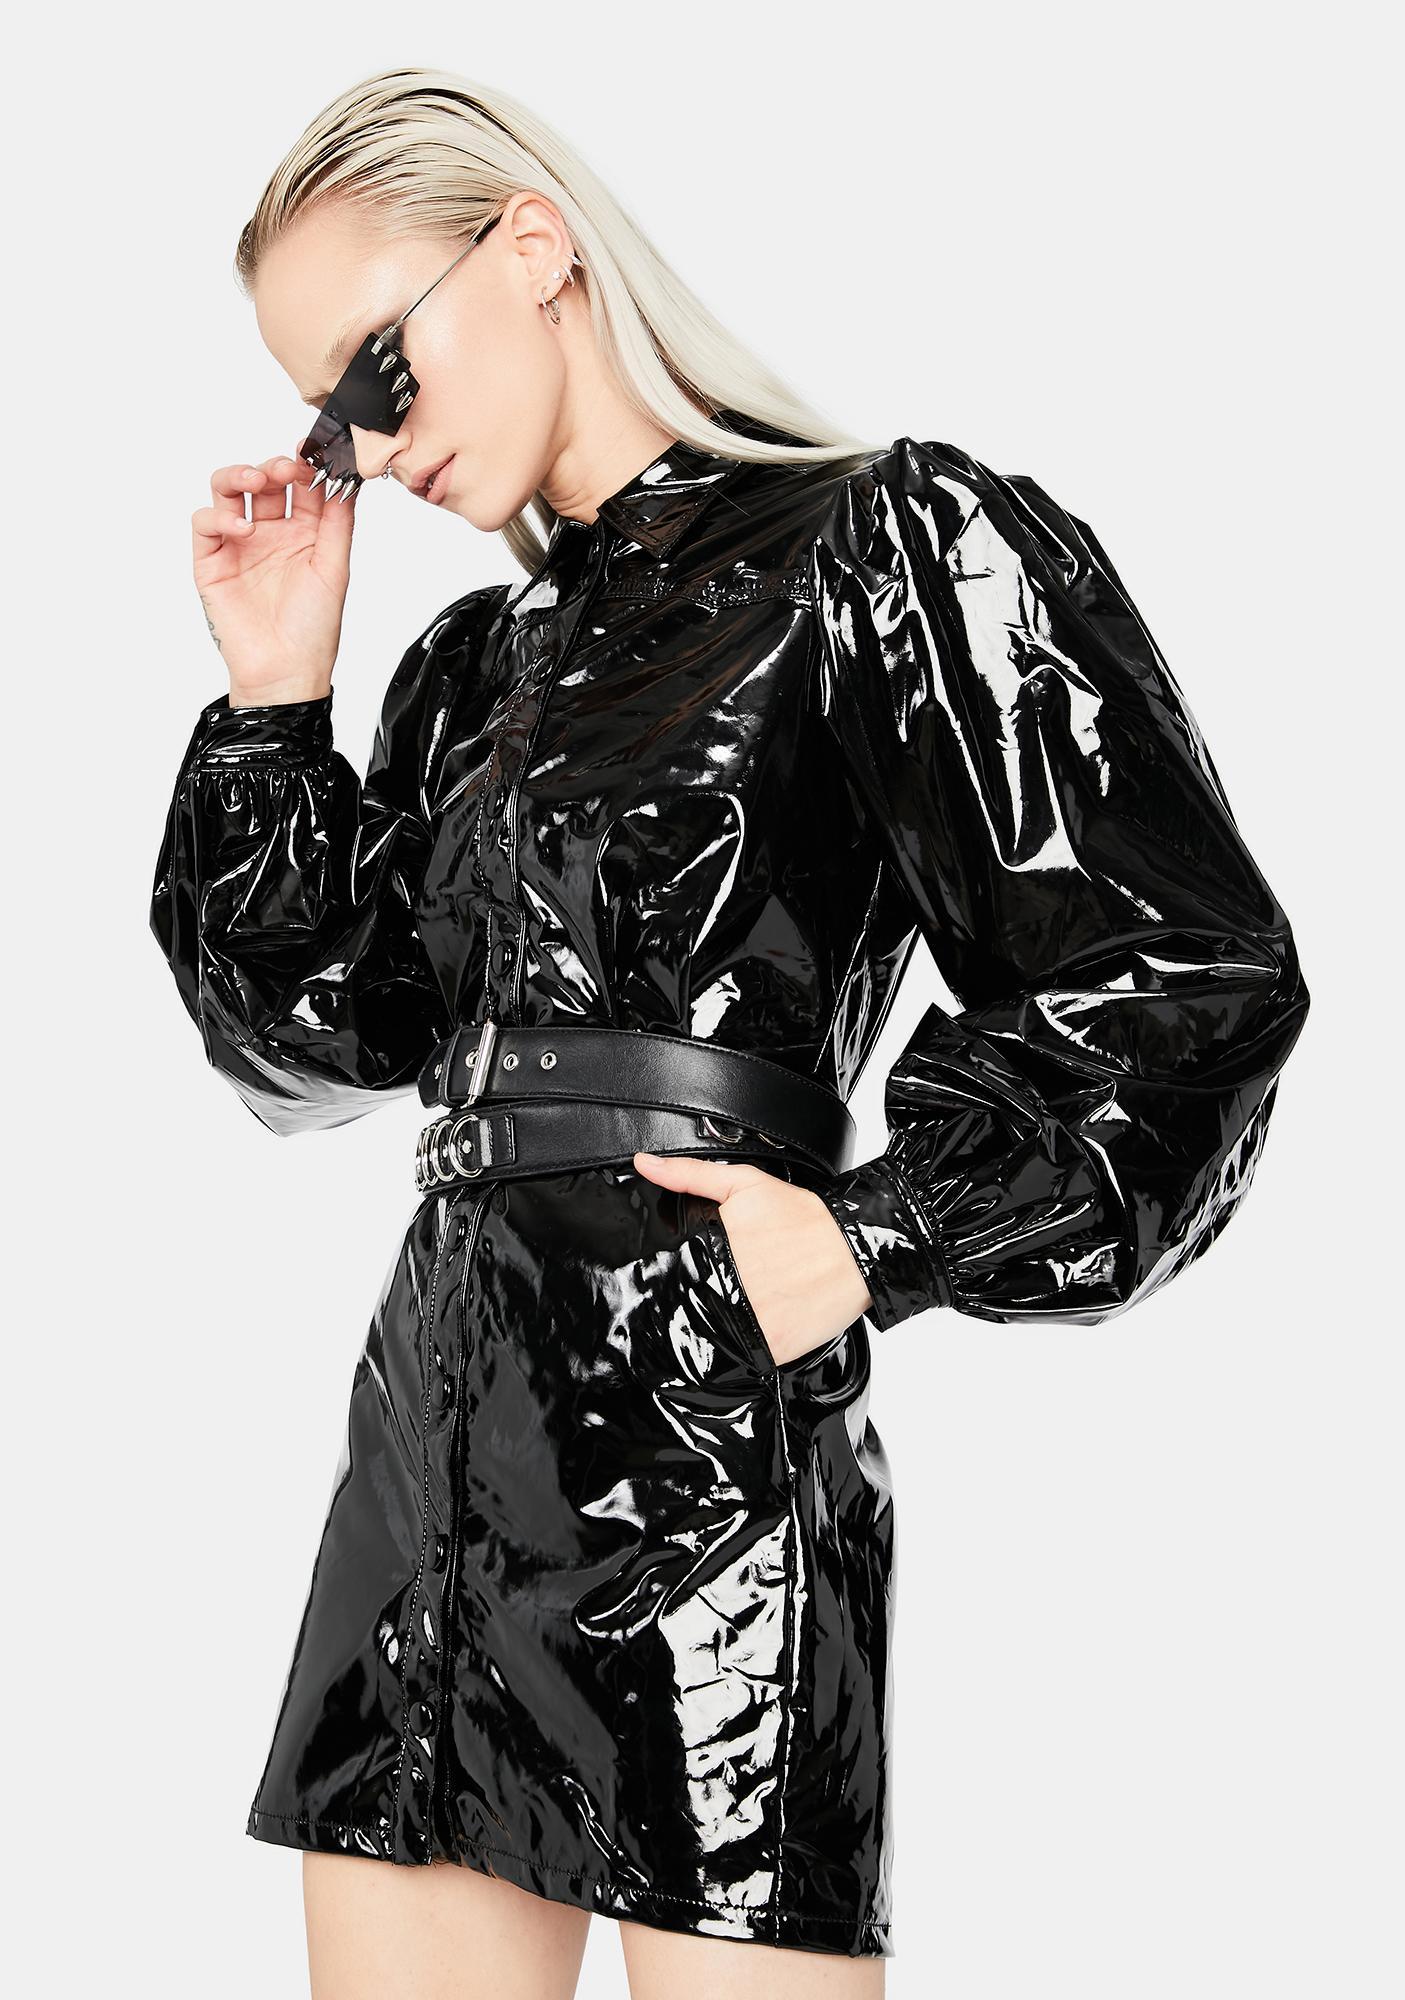 Monster U Made Vinyl Mini Dress